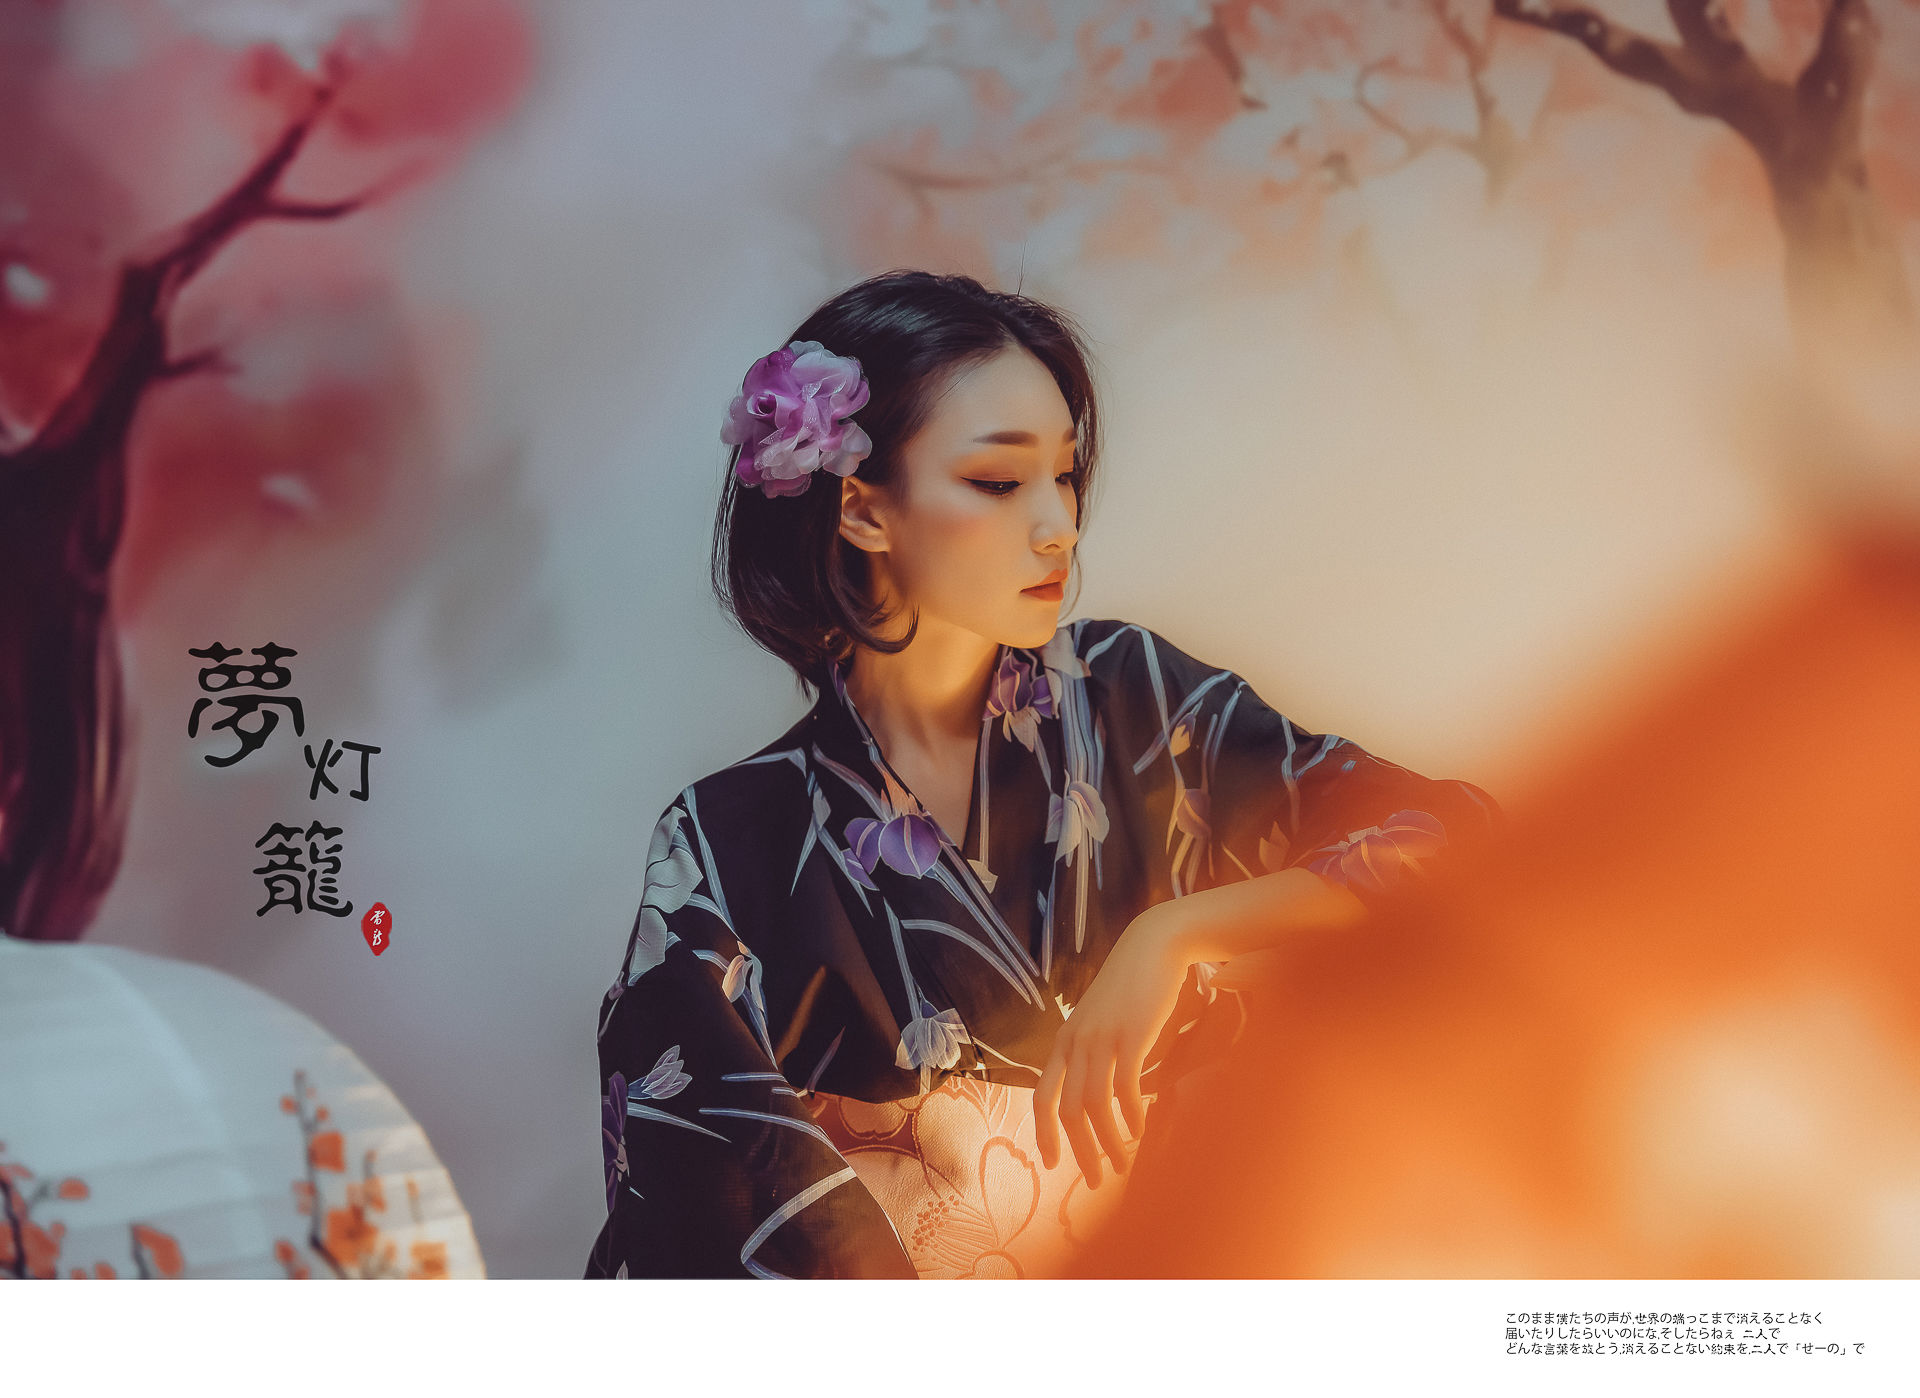 2018-06-18 闺蜜 和服 摄影棚_摄影师Sly的返片